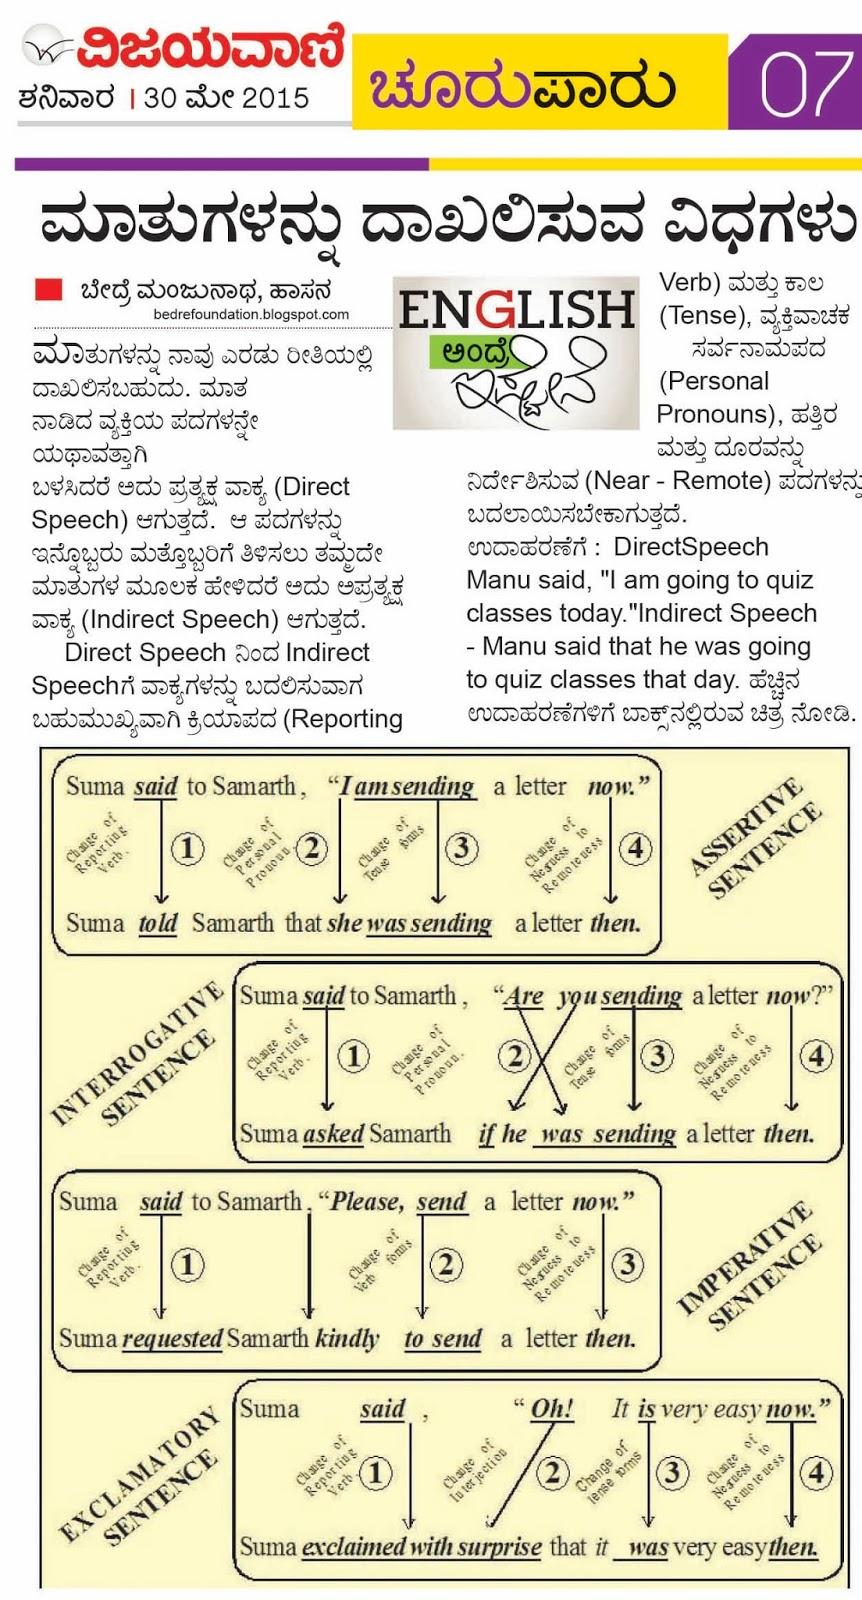 ಬೇದ್ರೆ ಪ್ರತಿಷ್ಠಾನ: Let us Learn Spoken English in